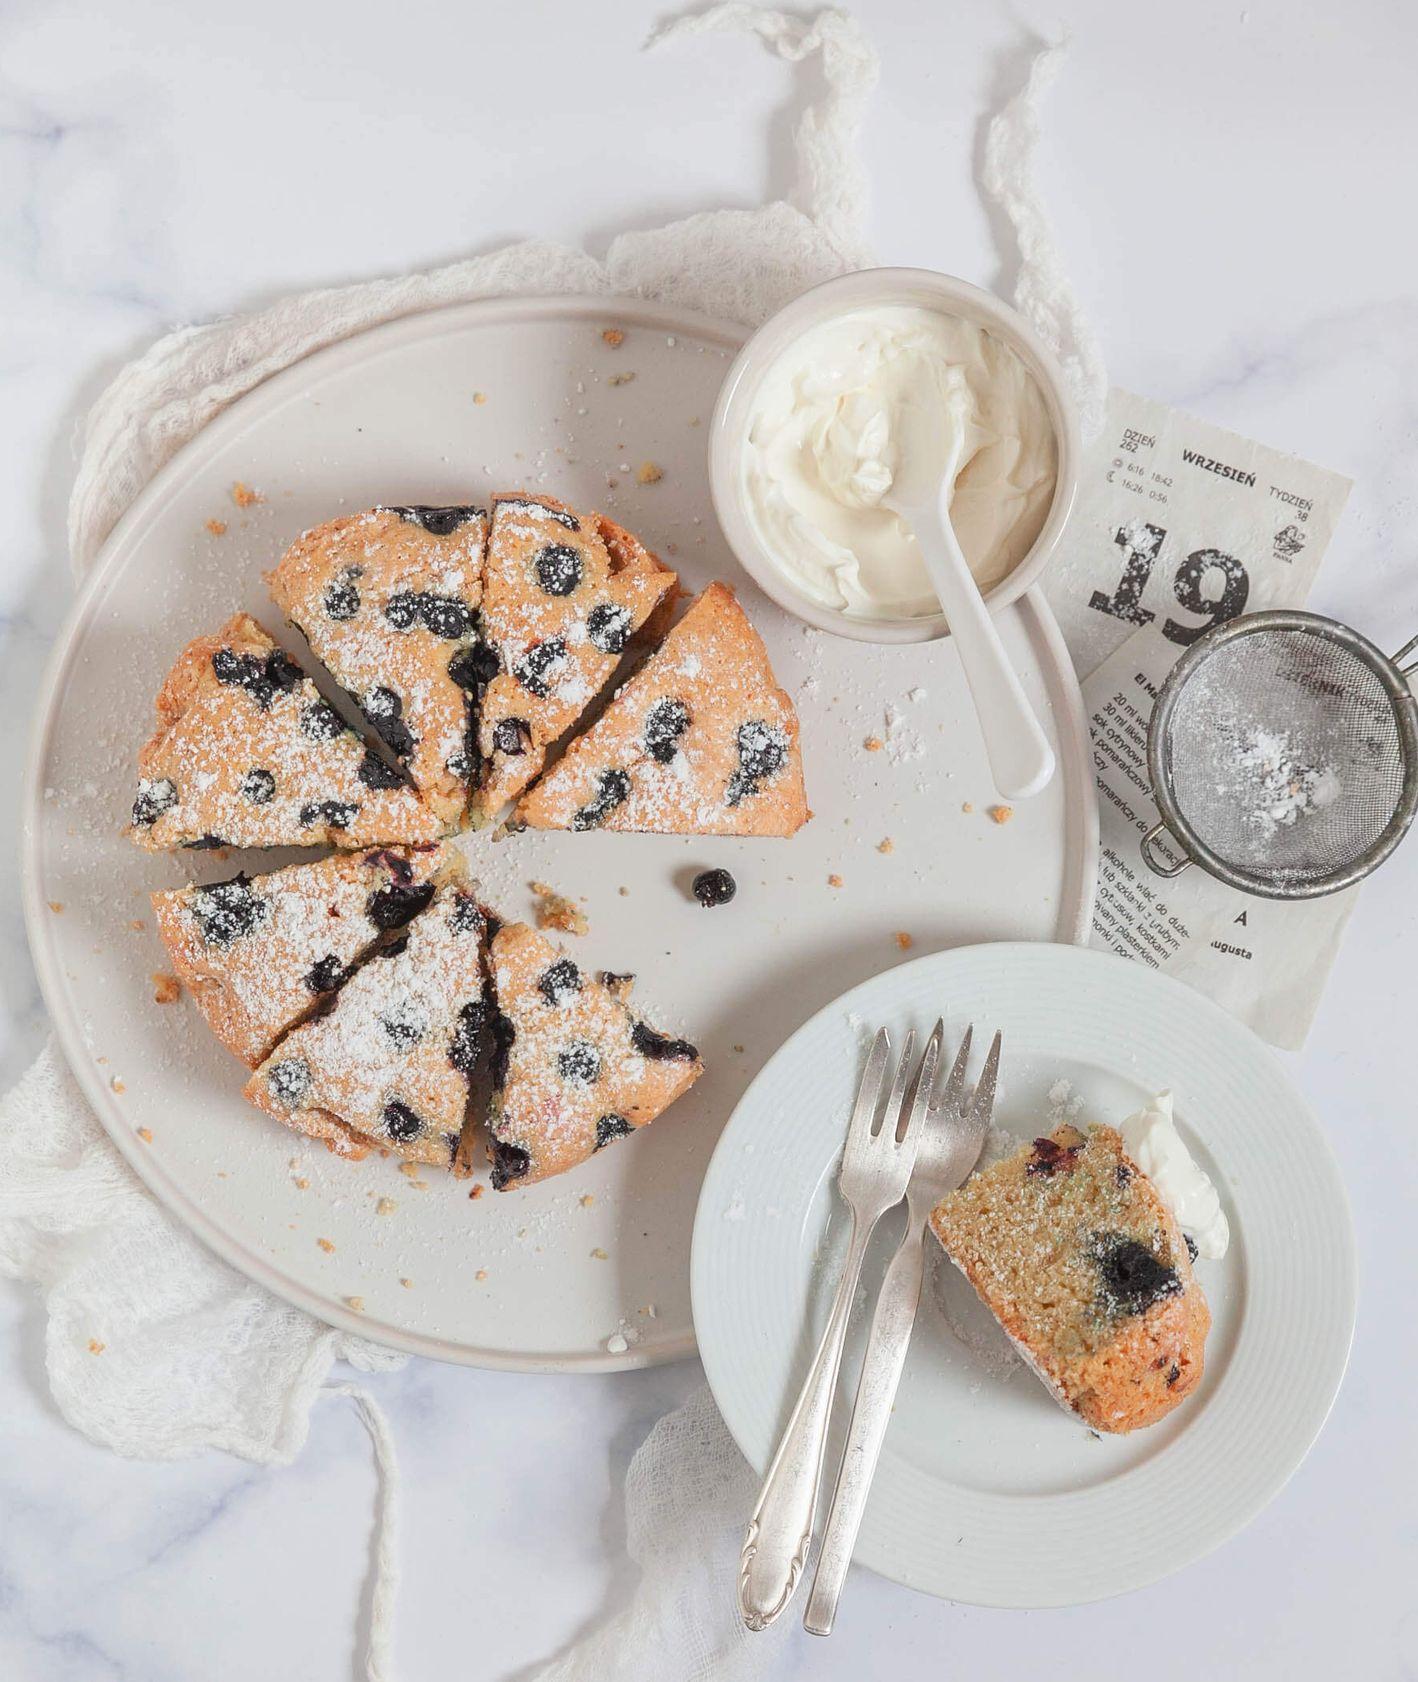 przepis na lekkie cisto z czarnymi porzeczkami, malinami bądź jagodami (fot. Kinga Ciszewska / Małe kulinaria)